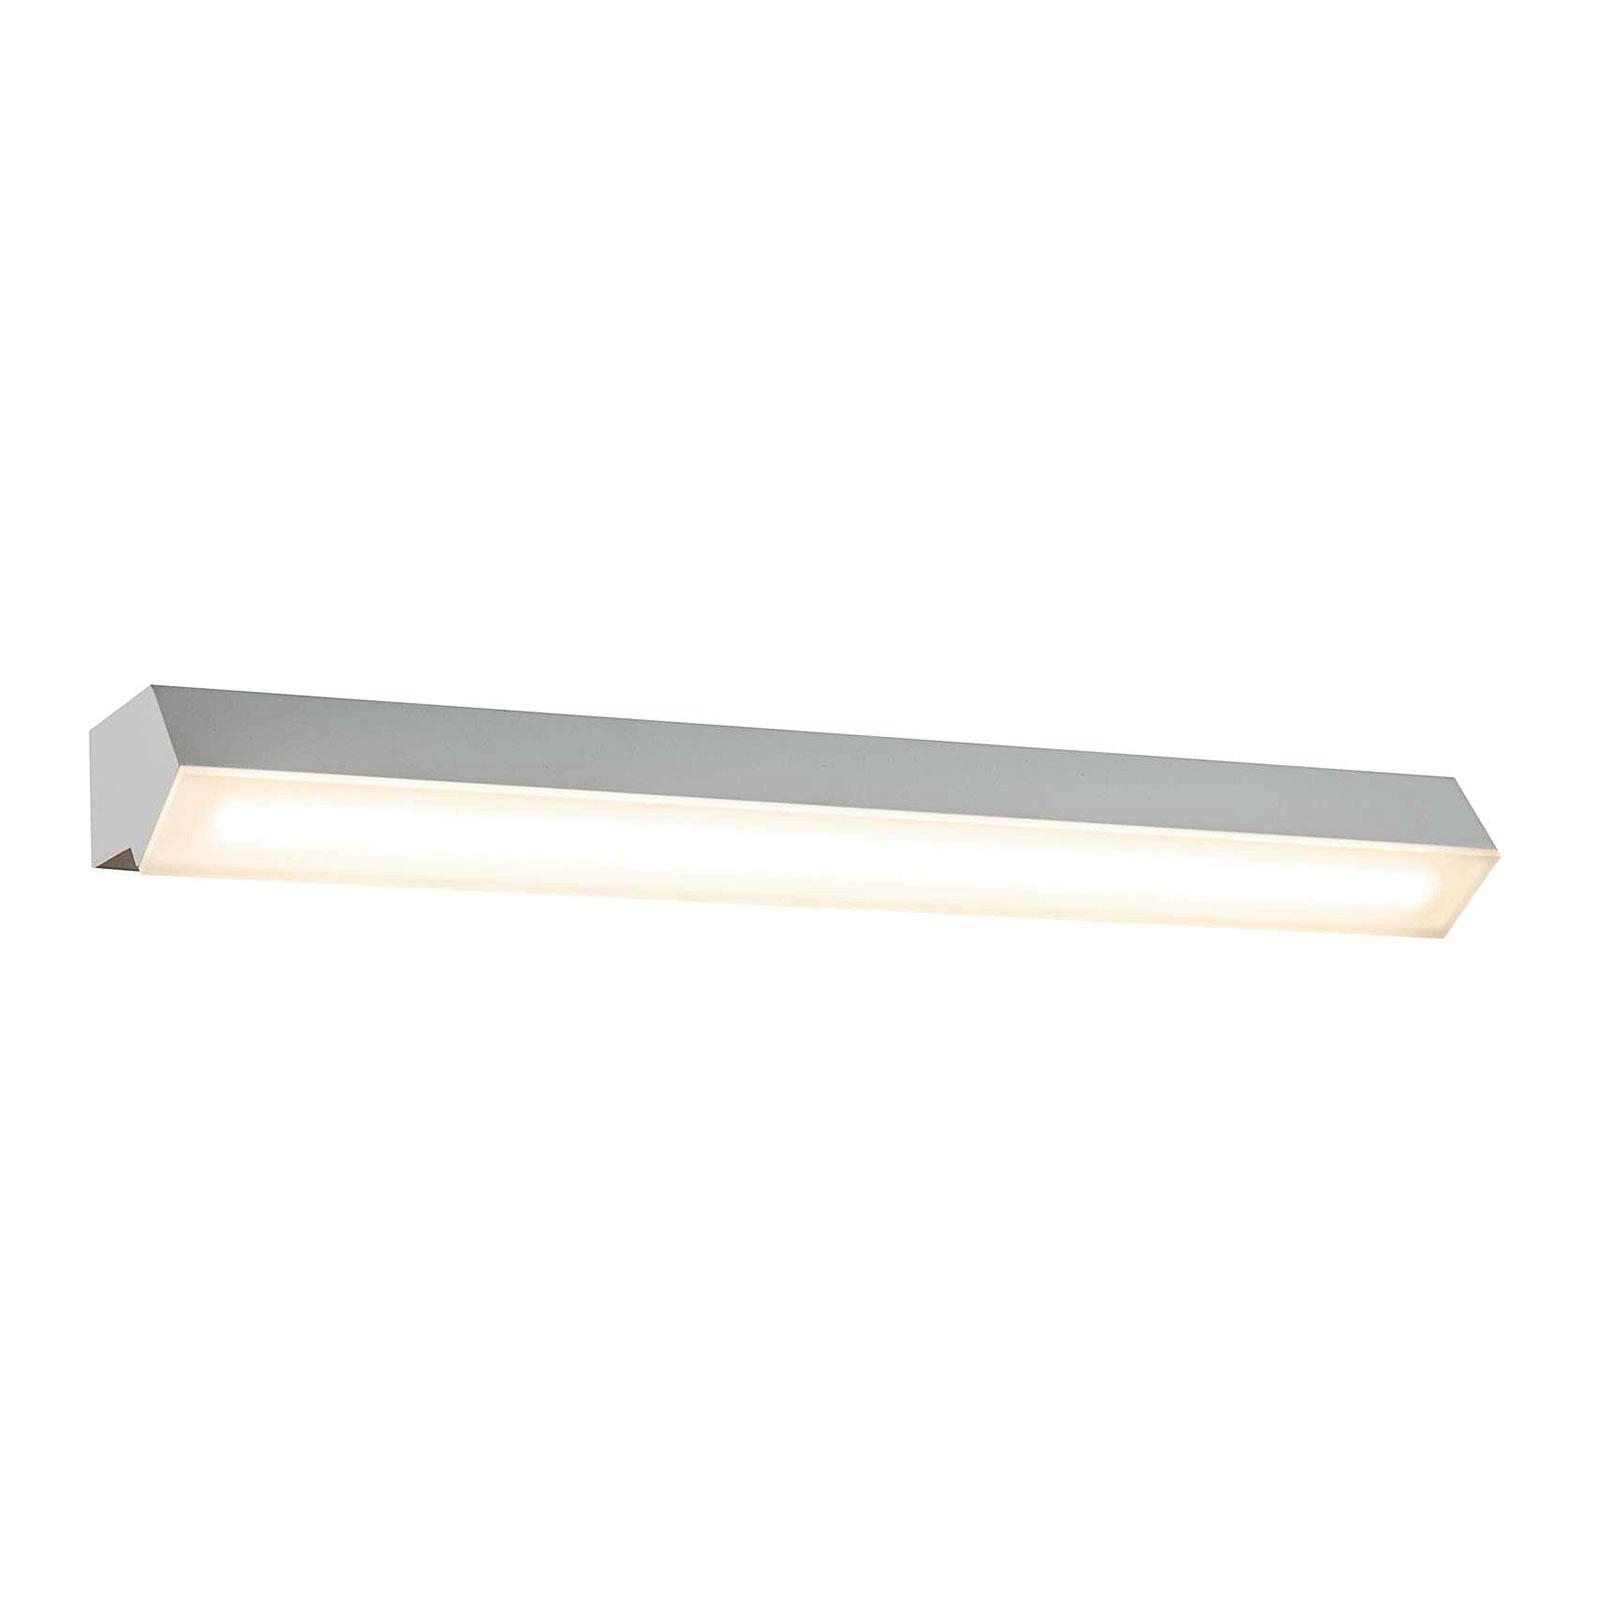 LED-Wandleuchte Toni, Breite 53,5 cm